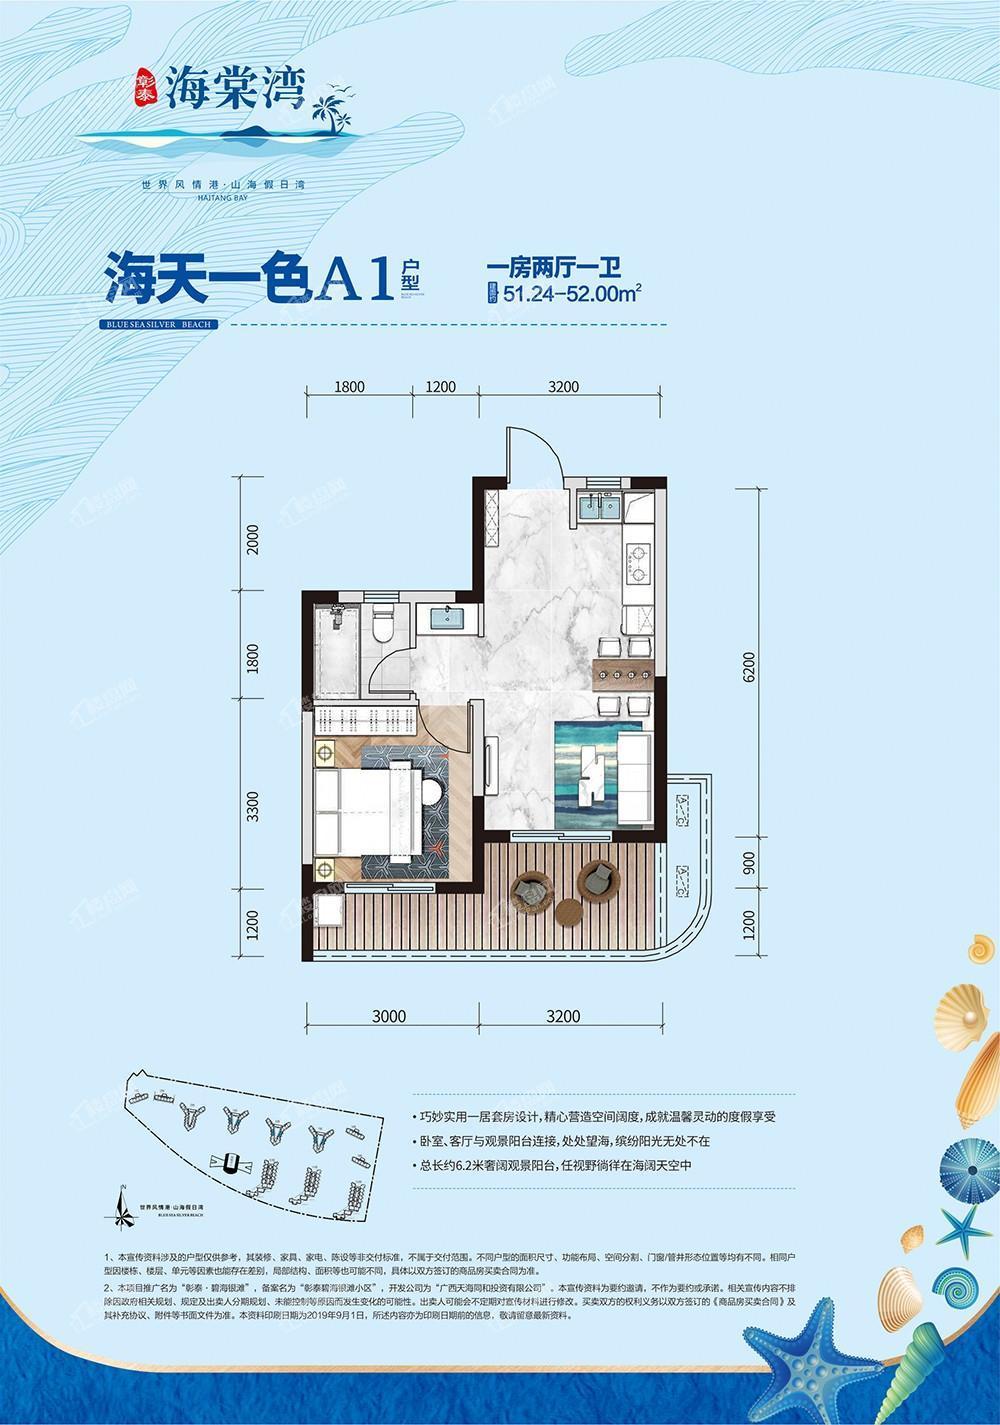 海棠湾A1户型 51.24㎡-52.00㎡一房两厅